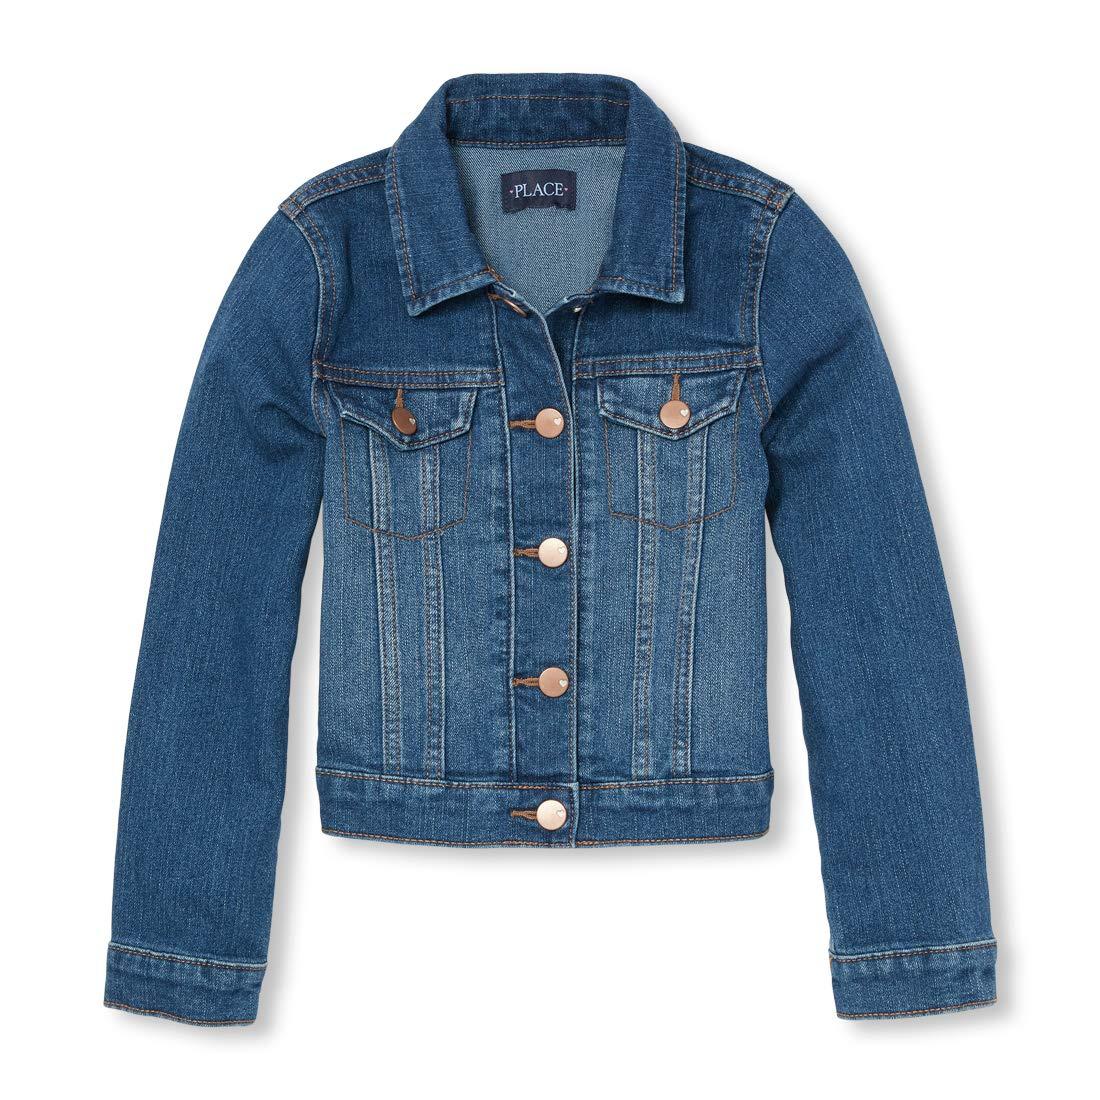 The Children's Place Big Girls' Denim Jacket, AZUREWASH, M (7/8) by The Children's Place